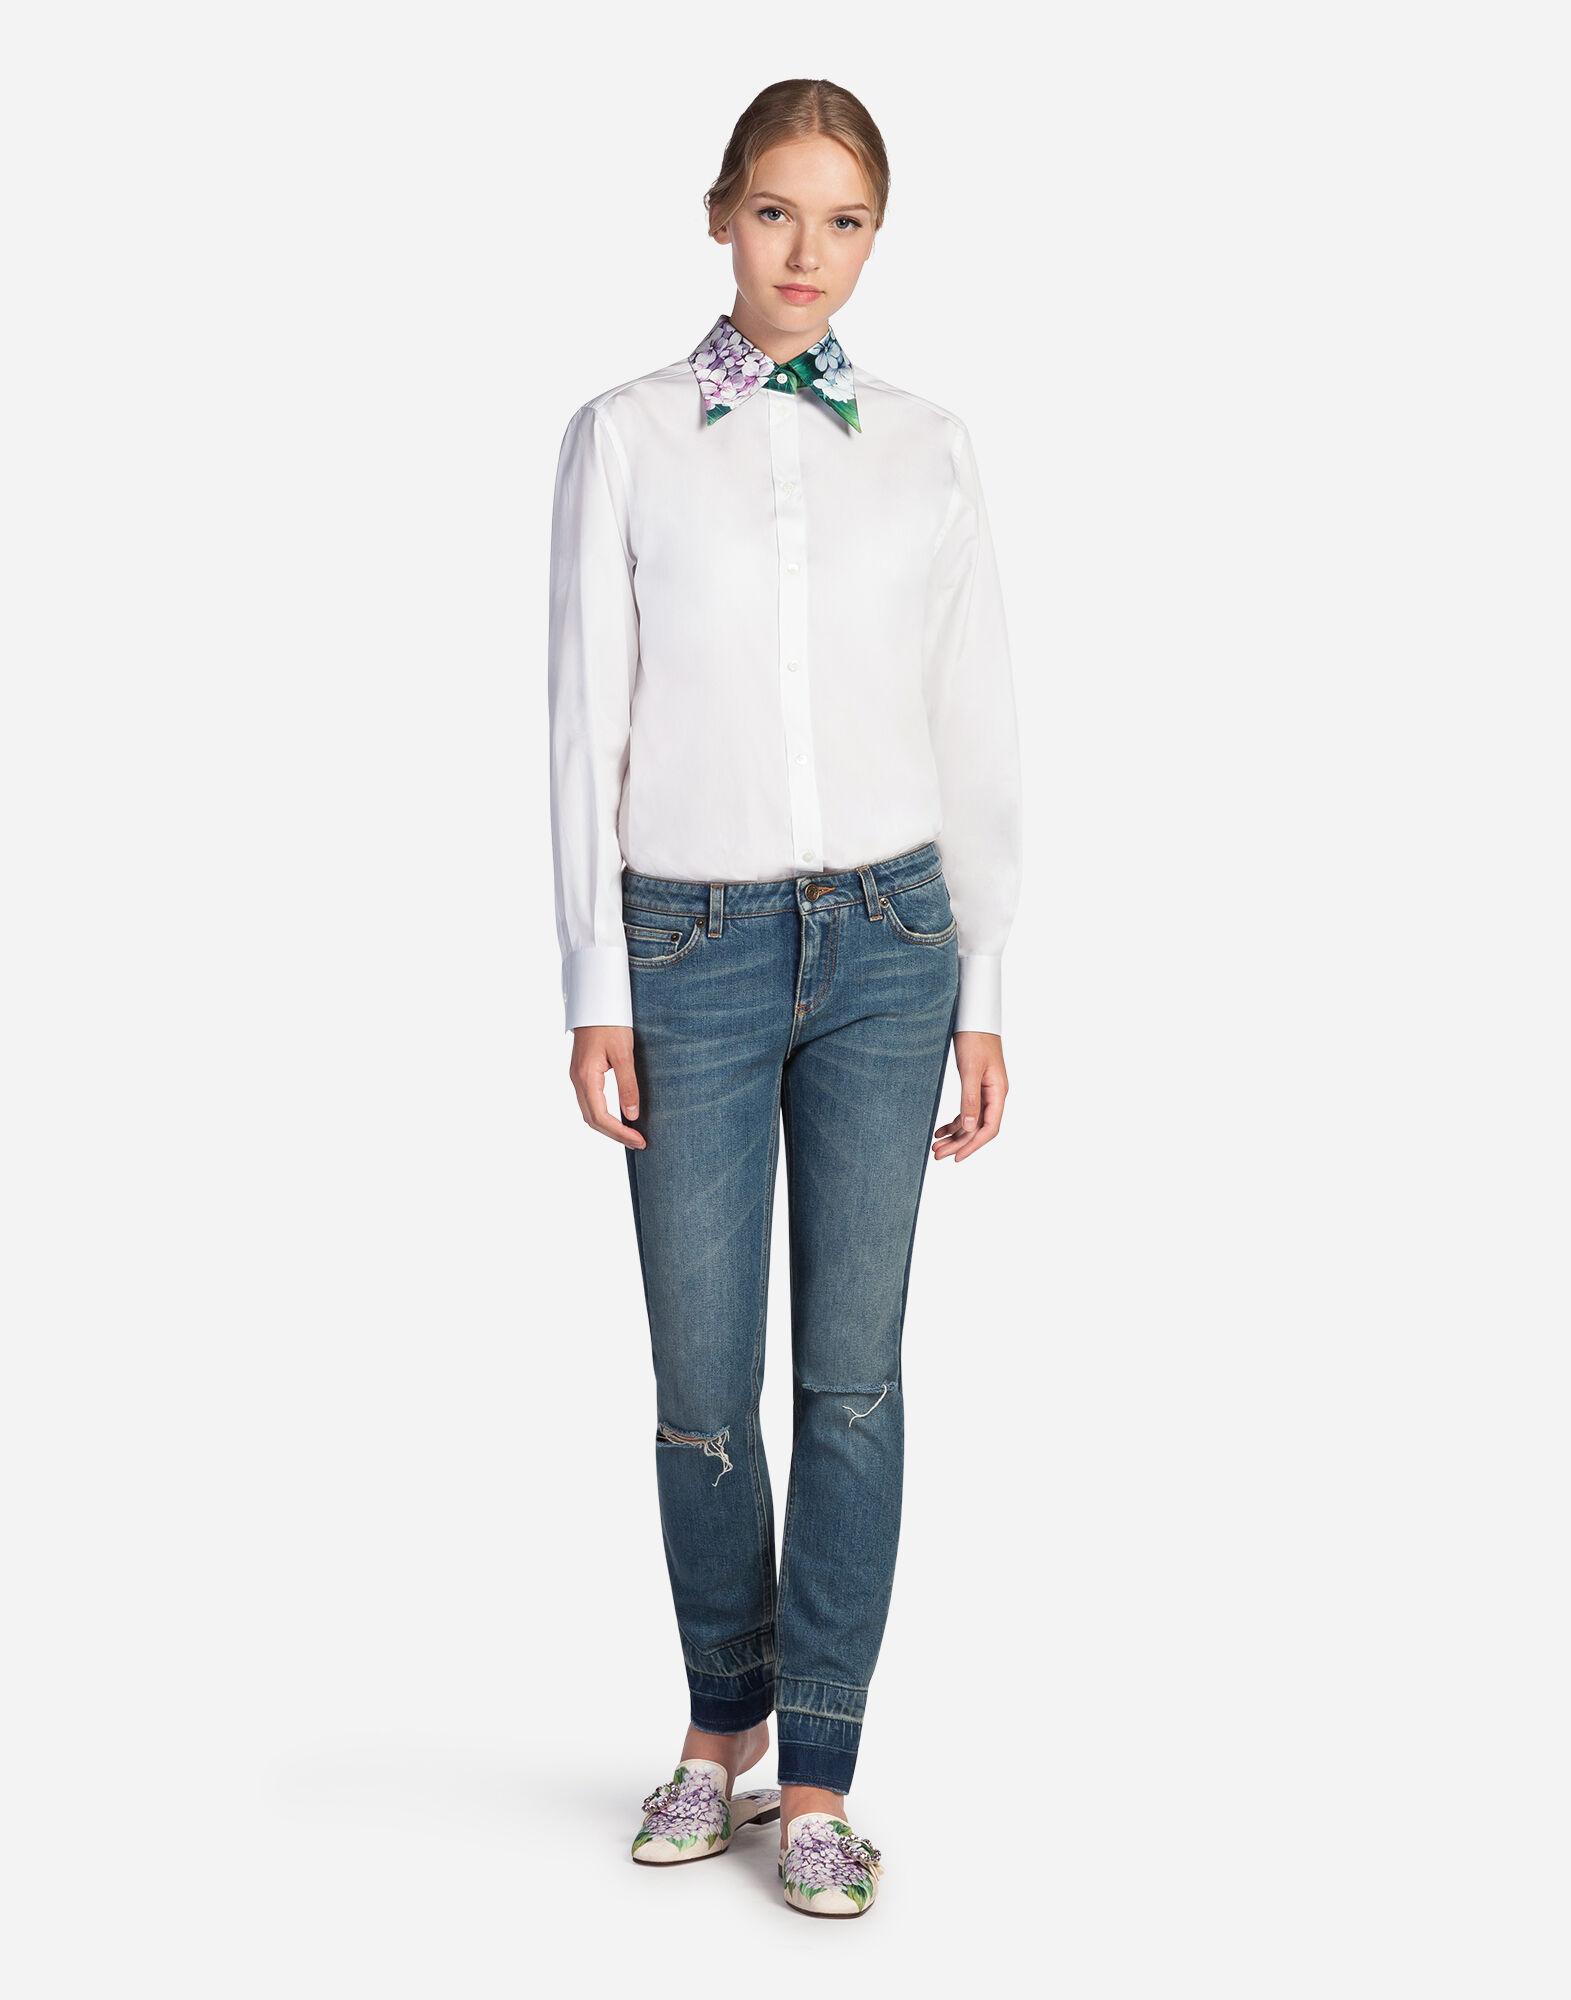 Dolce&Gabbana SHIRT IN COTTON WITH SILK COLLAR